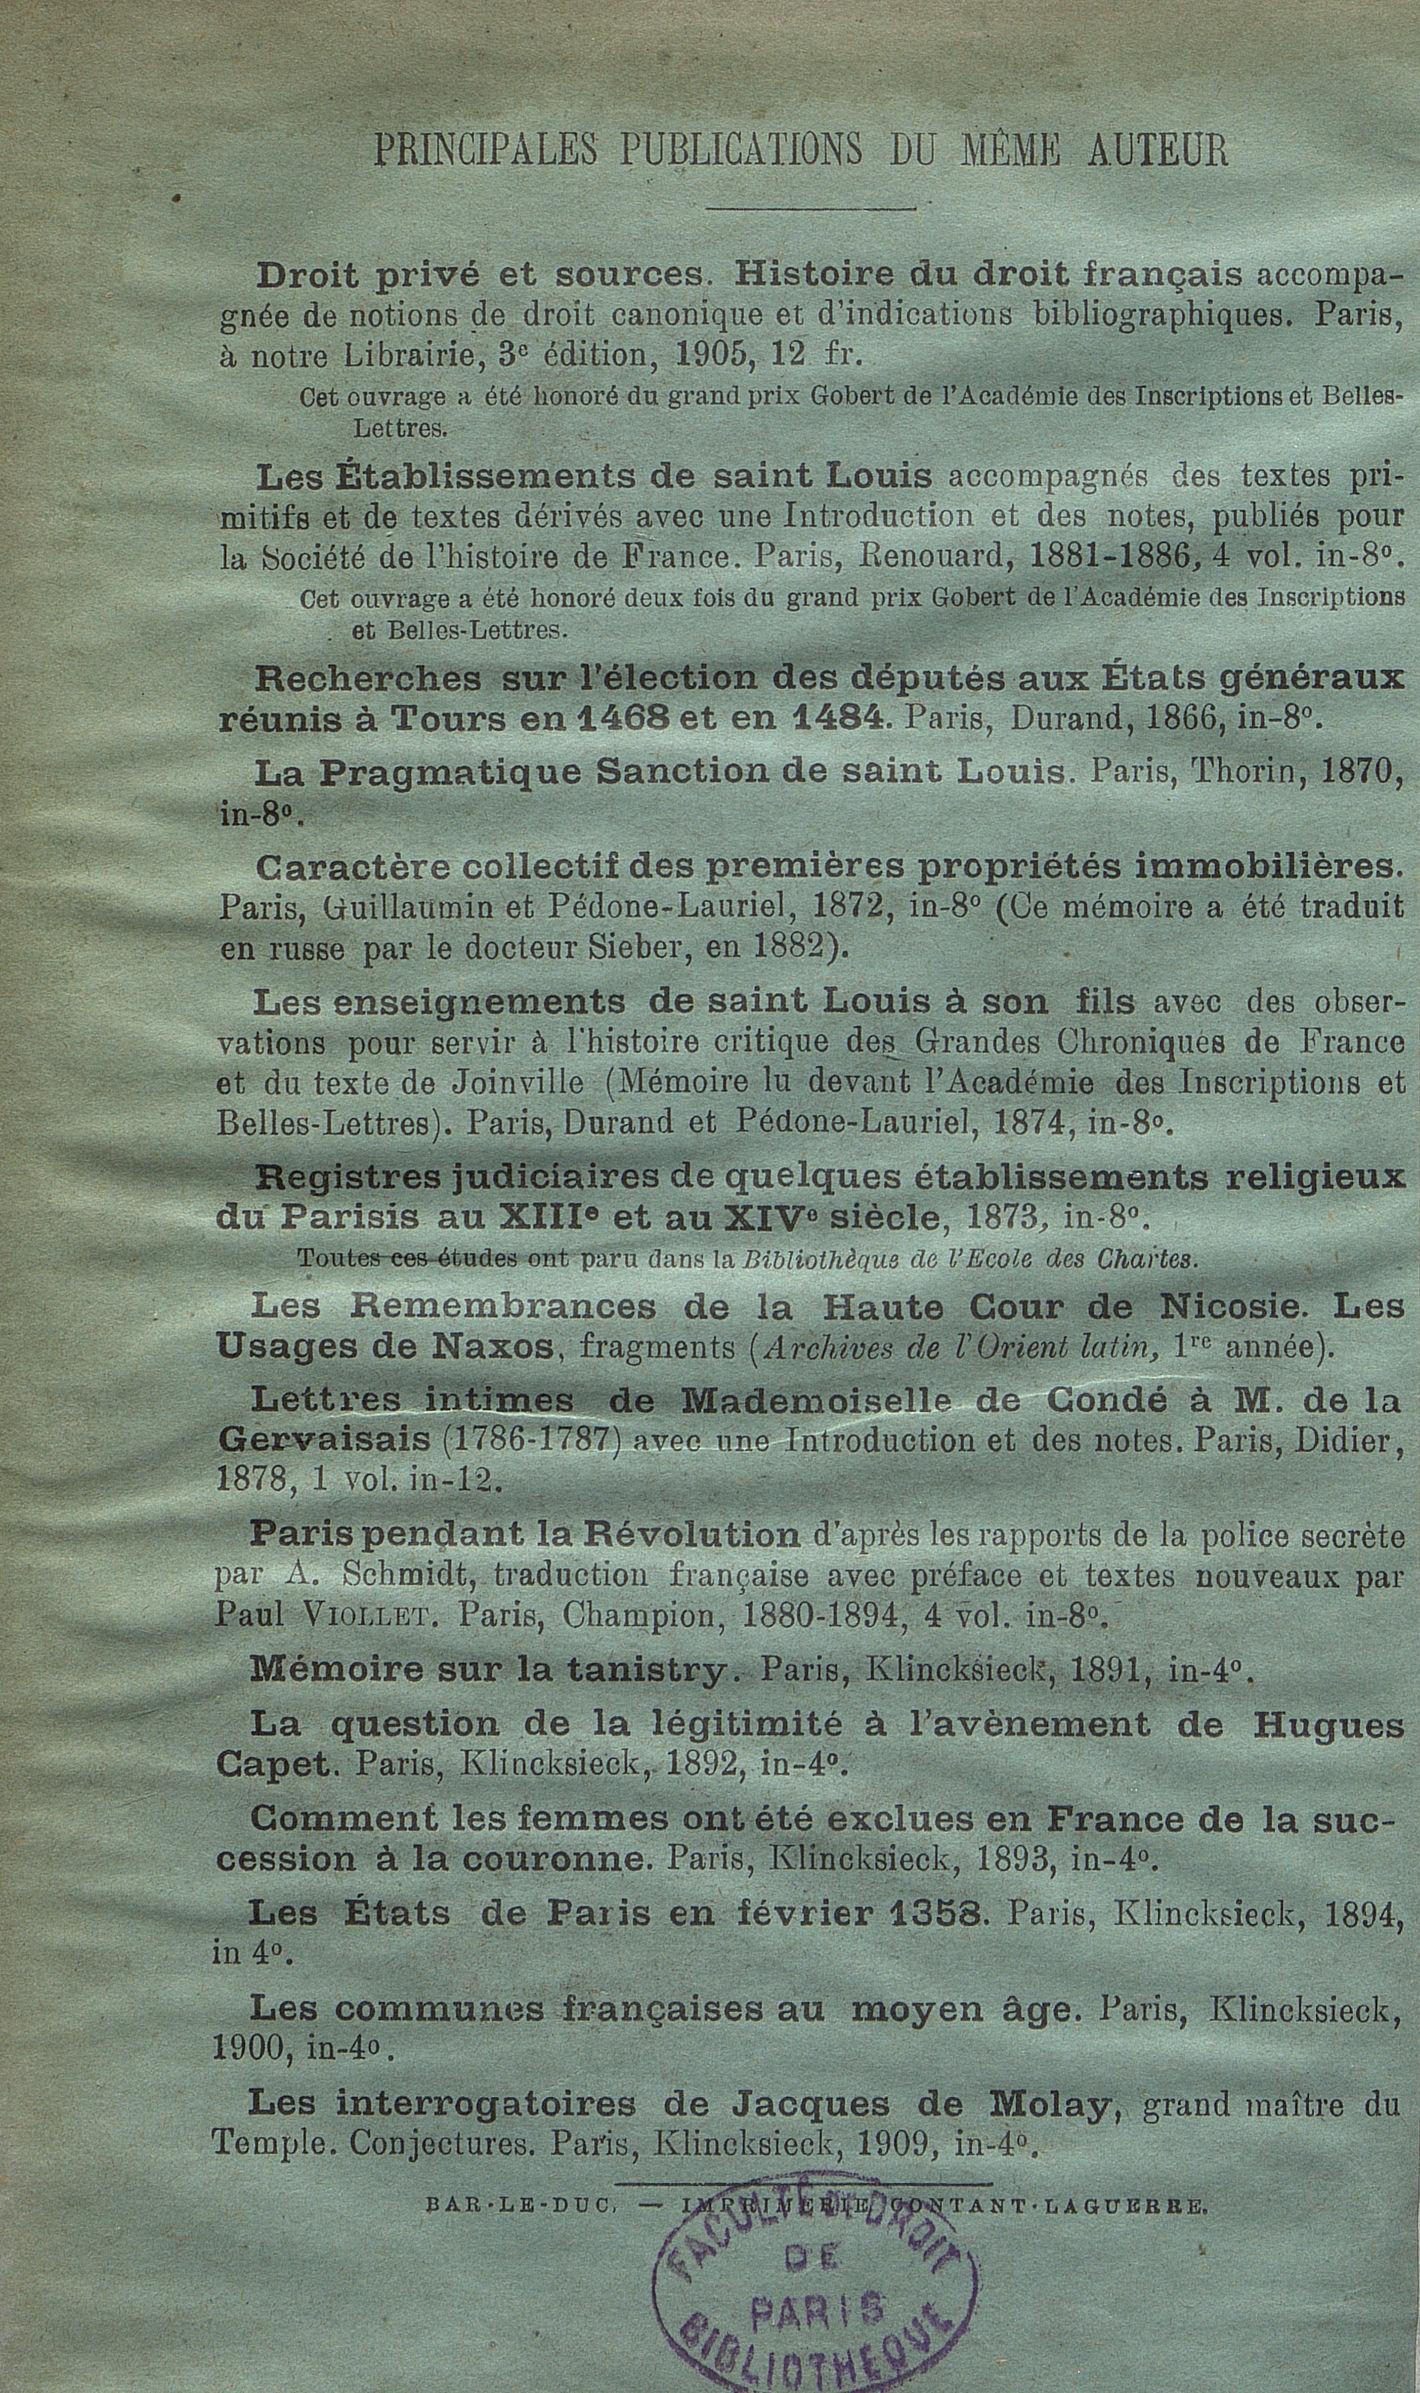 http://expo-paulviollet.univ-paris1.fr/wp-content/uploads/2016/02/0605381272_0632.jpg